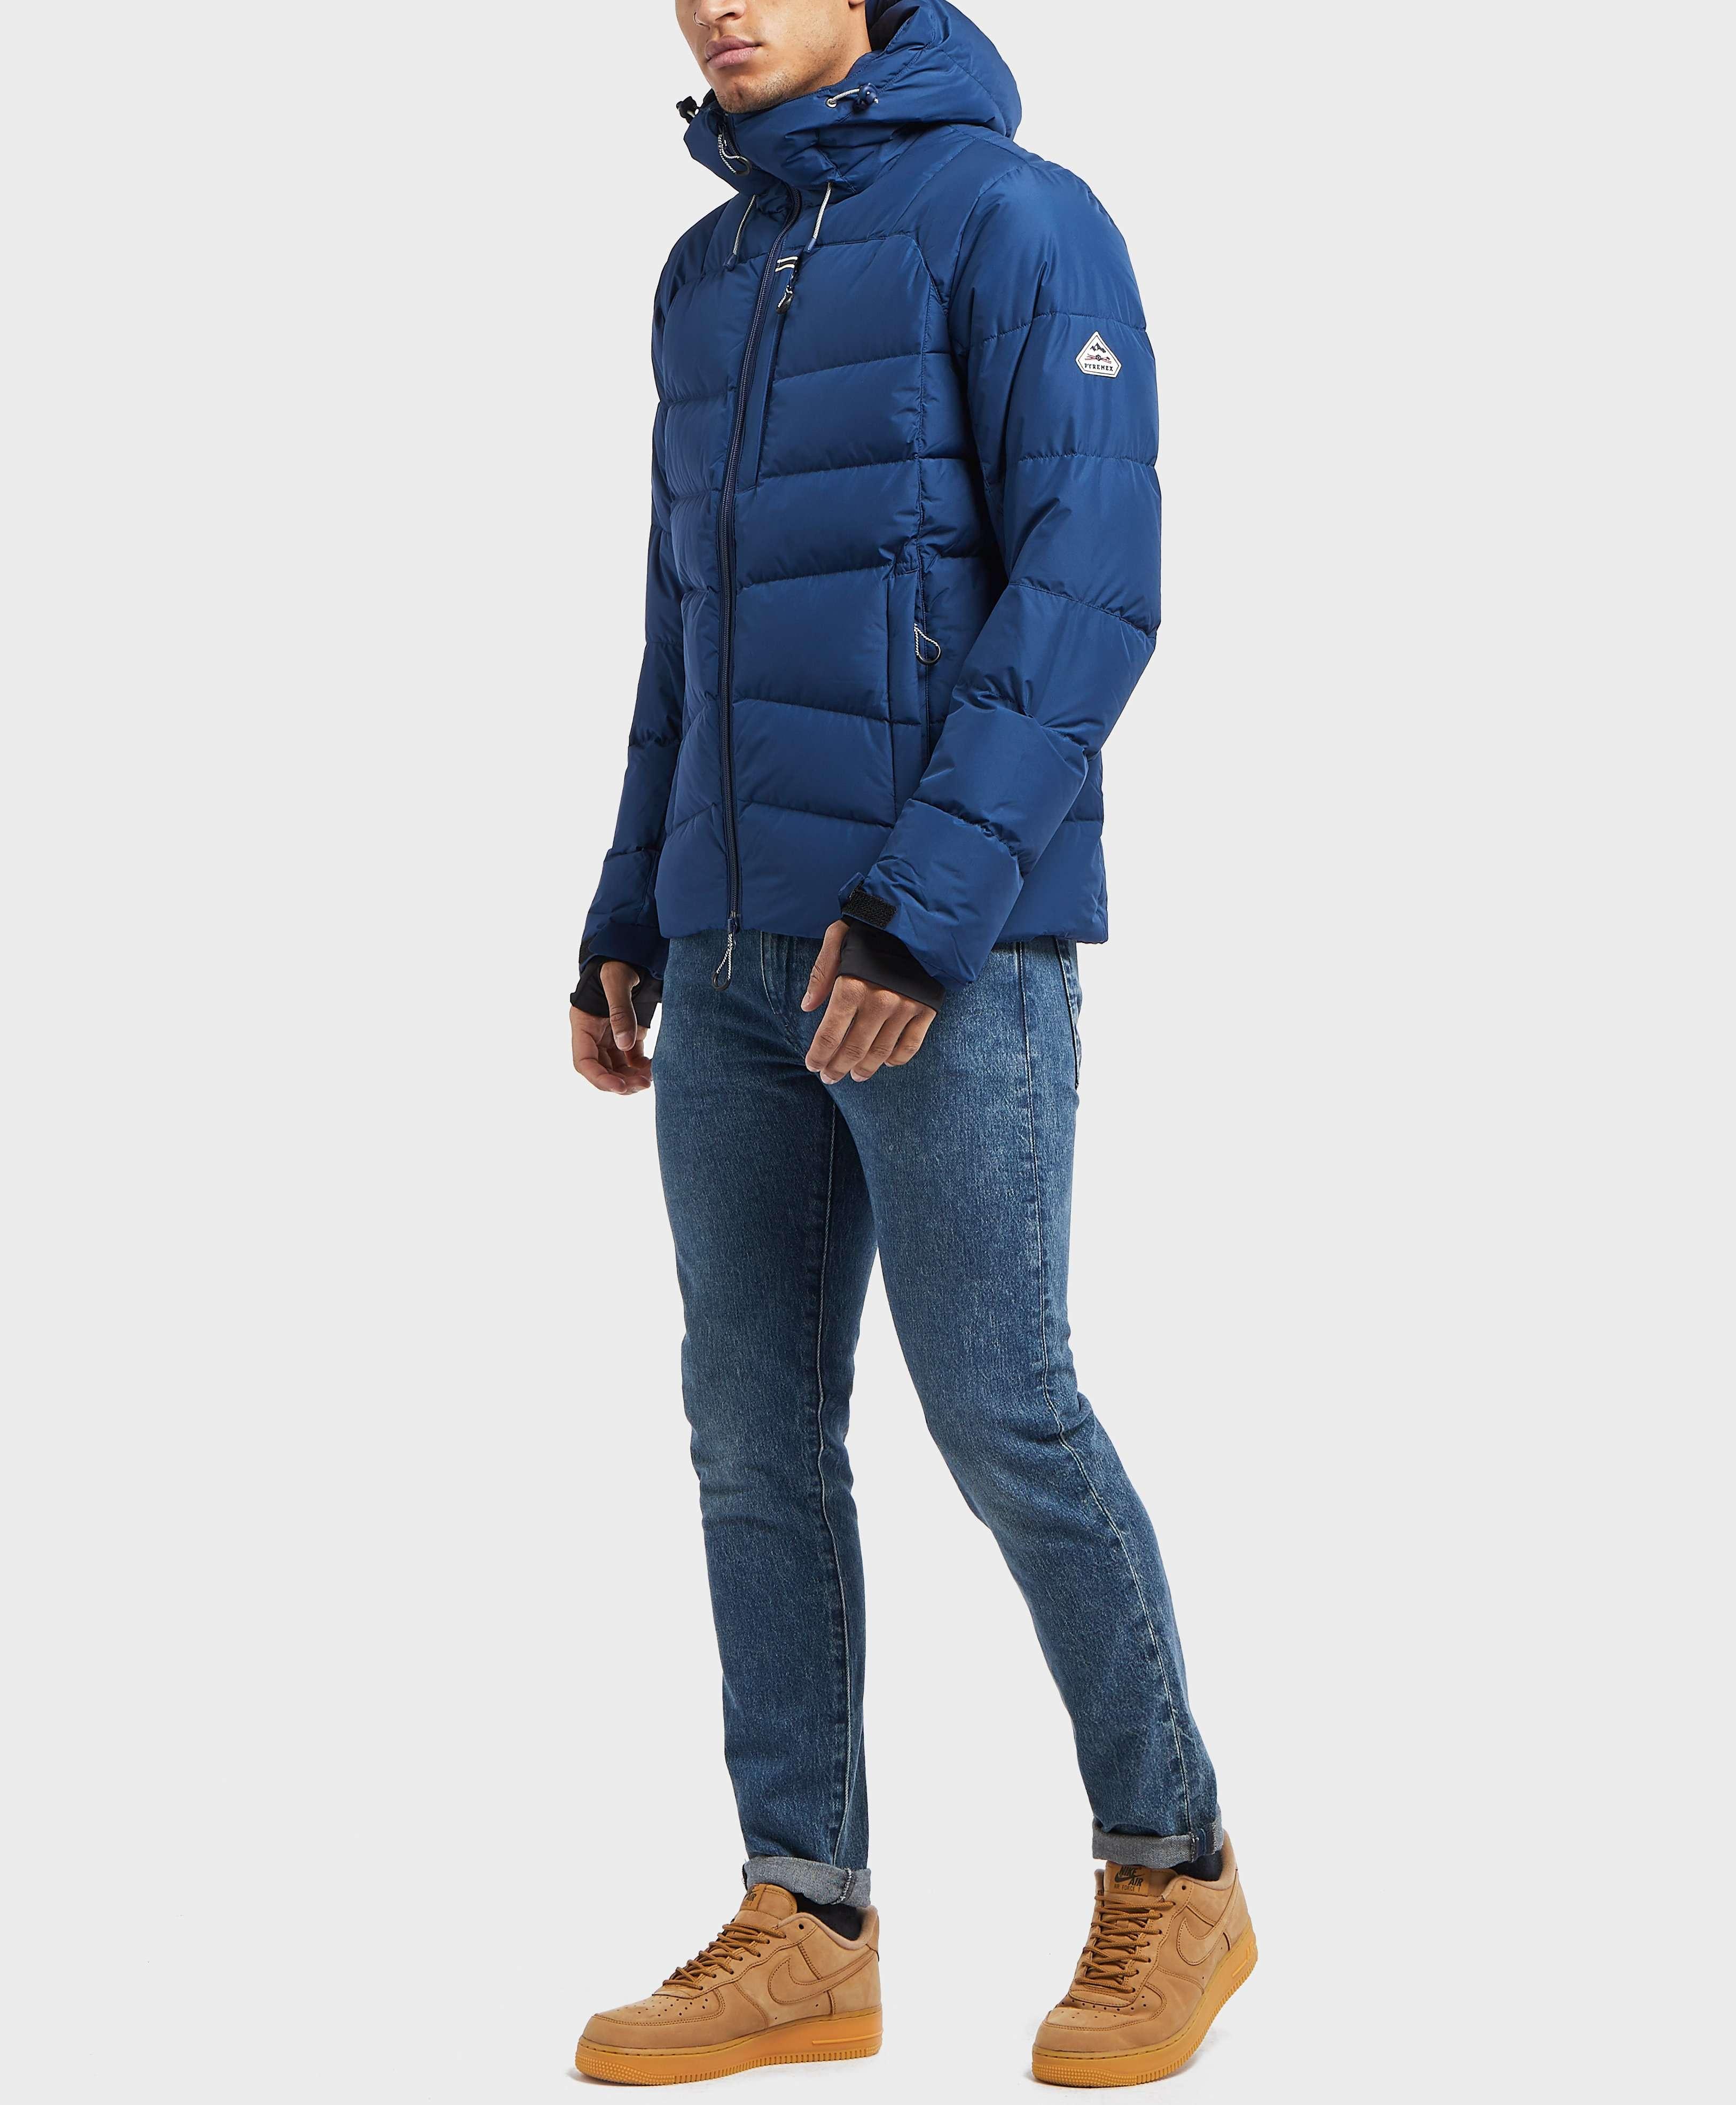 Pyrenex Hudson Padded Jacket